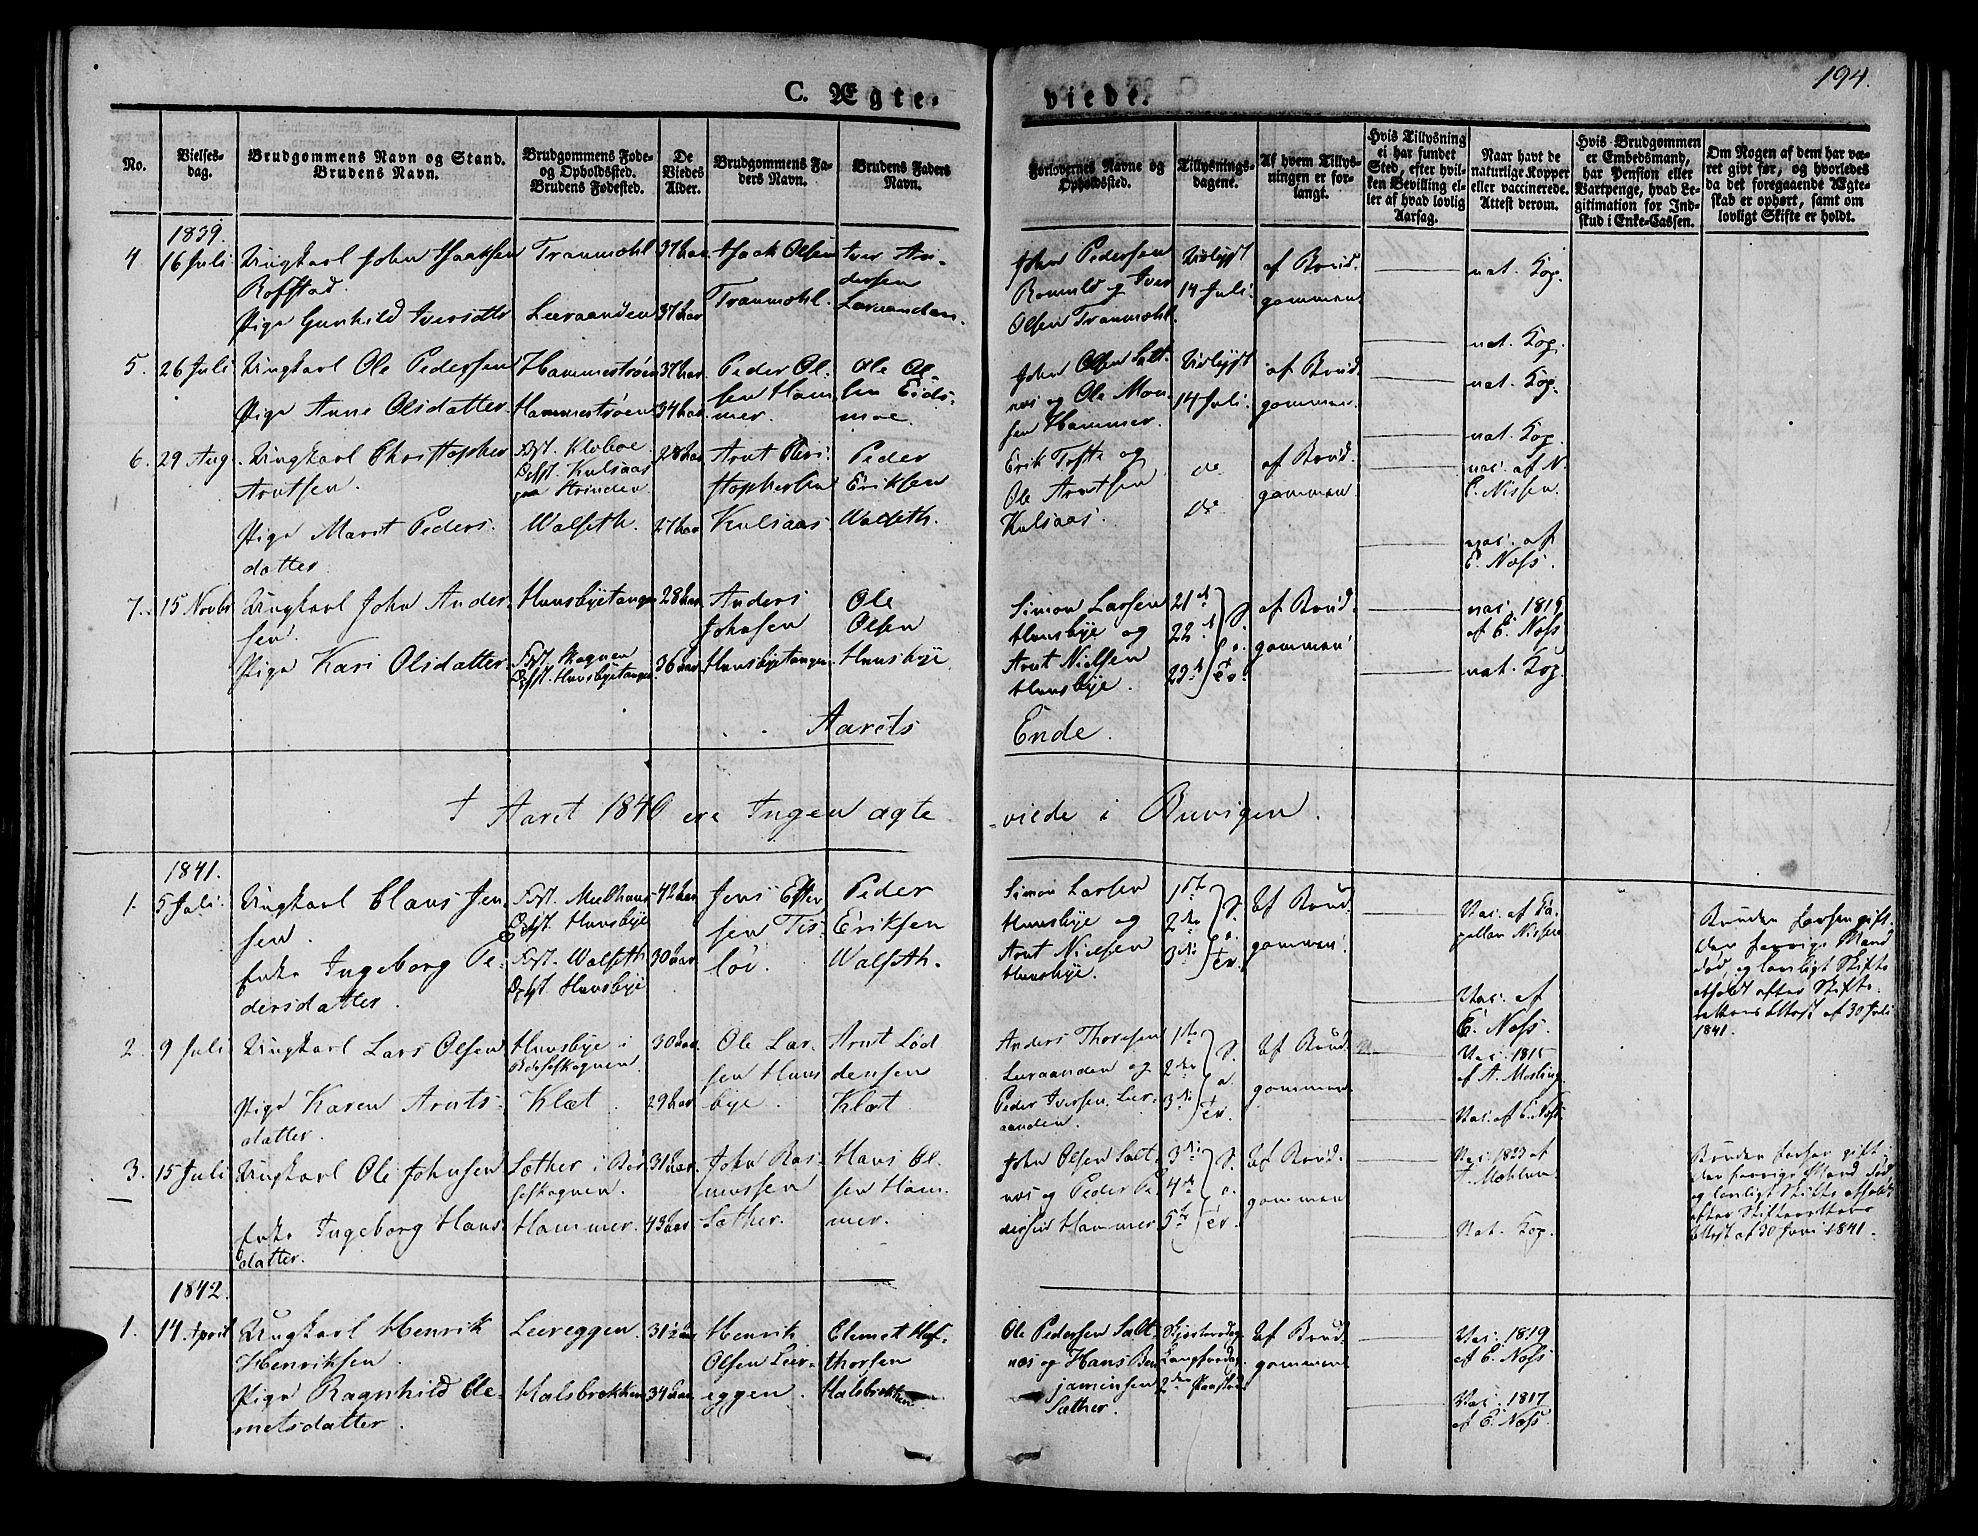 SAT, Ministerialprotokoller, klokkerbøker og fødselsregistre - Sør-Trøndelag, 612/L0375: Ministerialbok nr. 612A07 /2, 1829-1845, s. 194